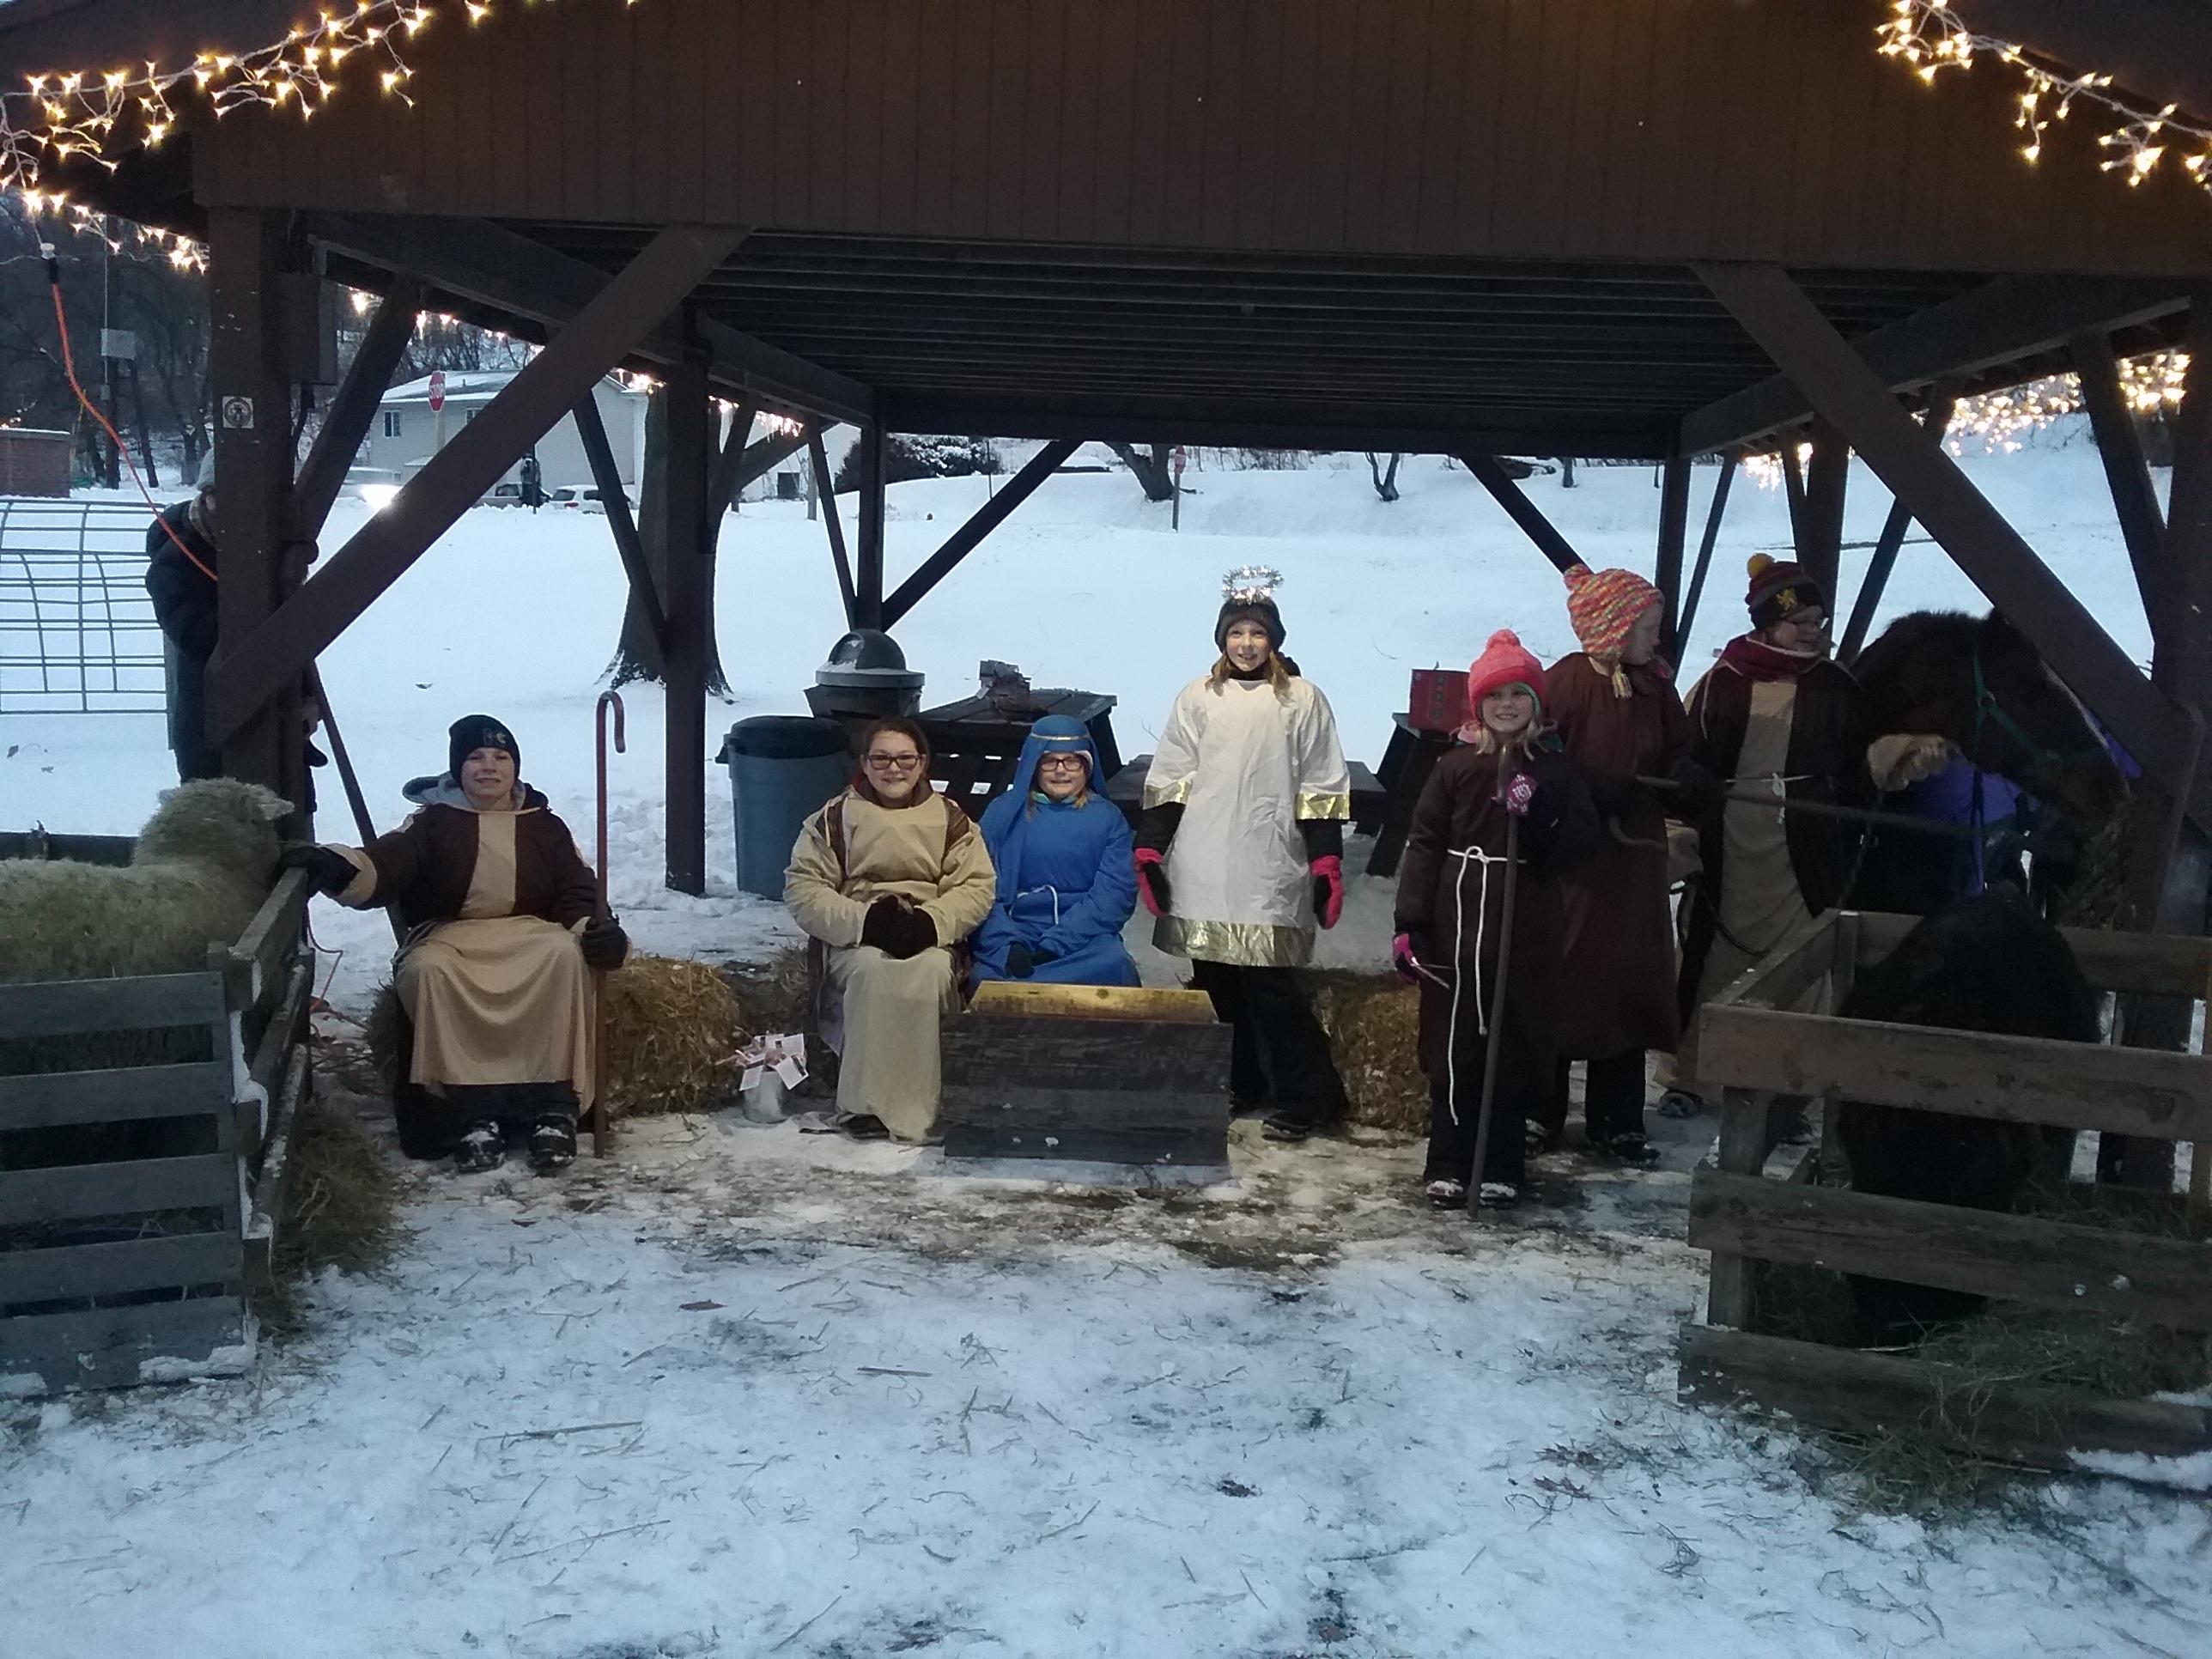 LIve nativity group 2